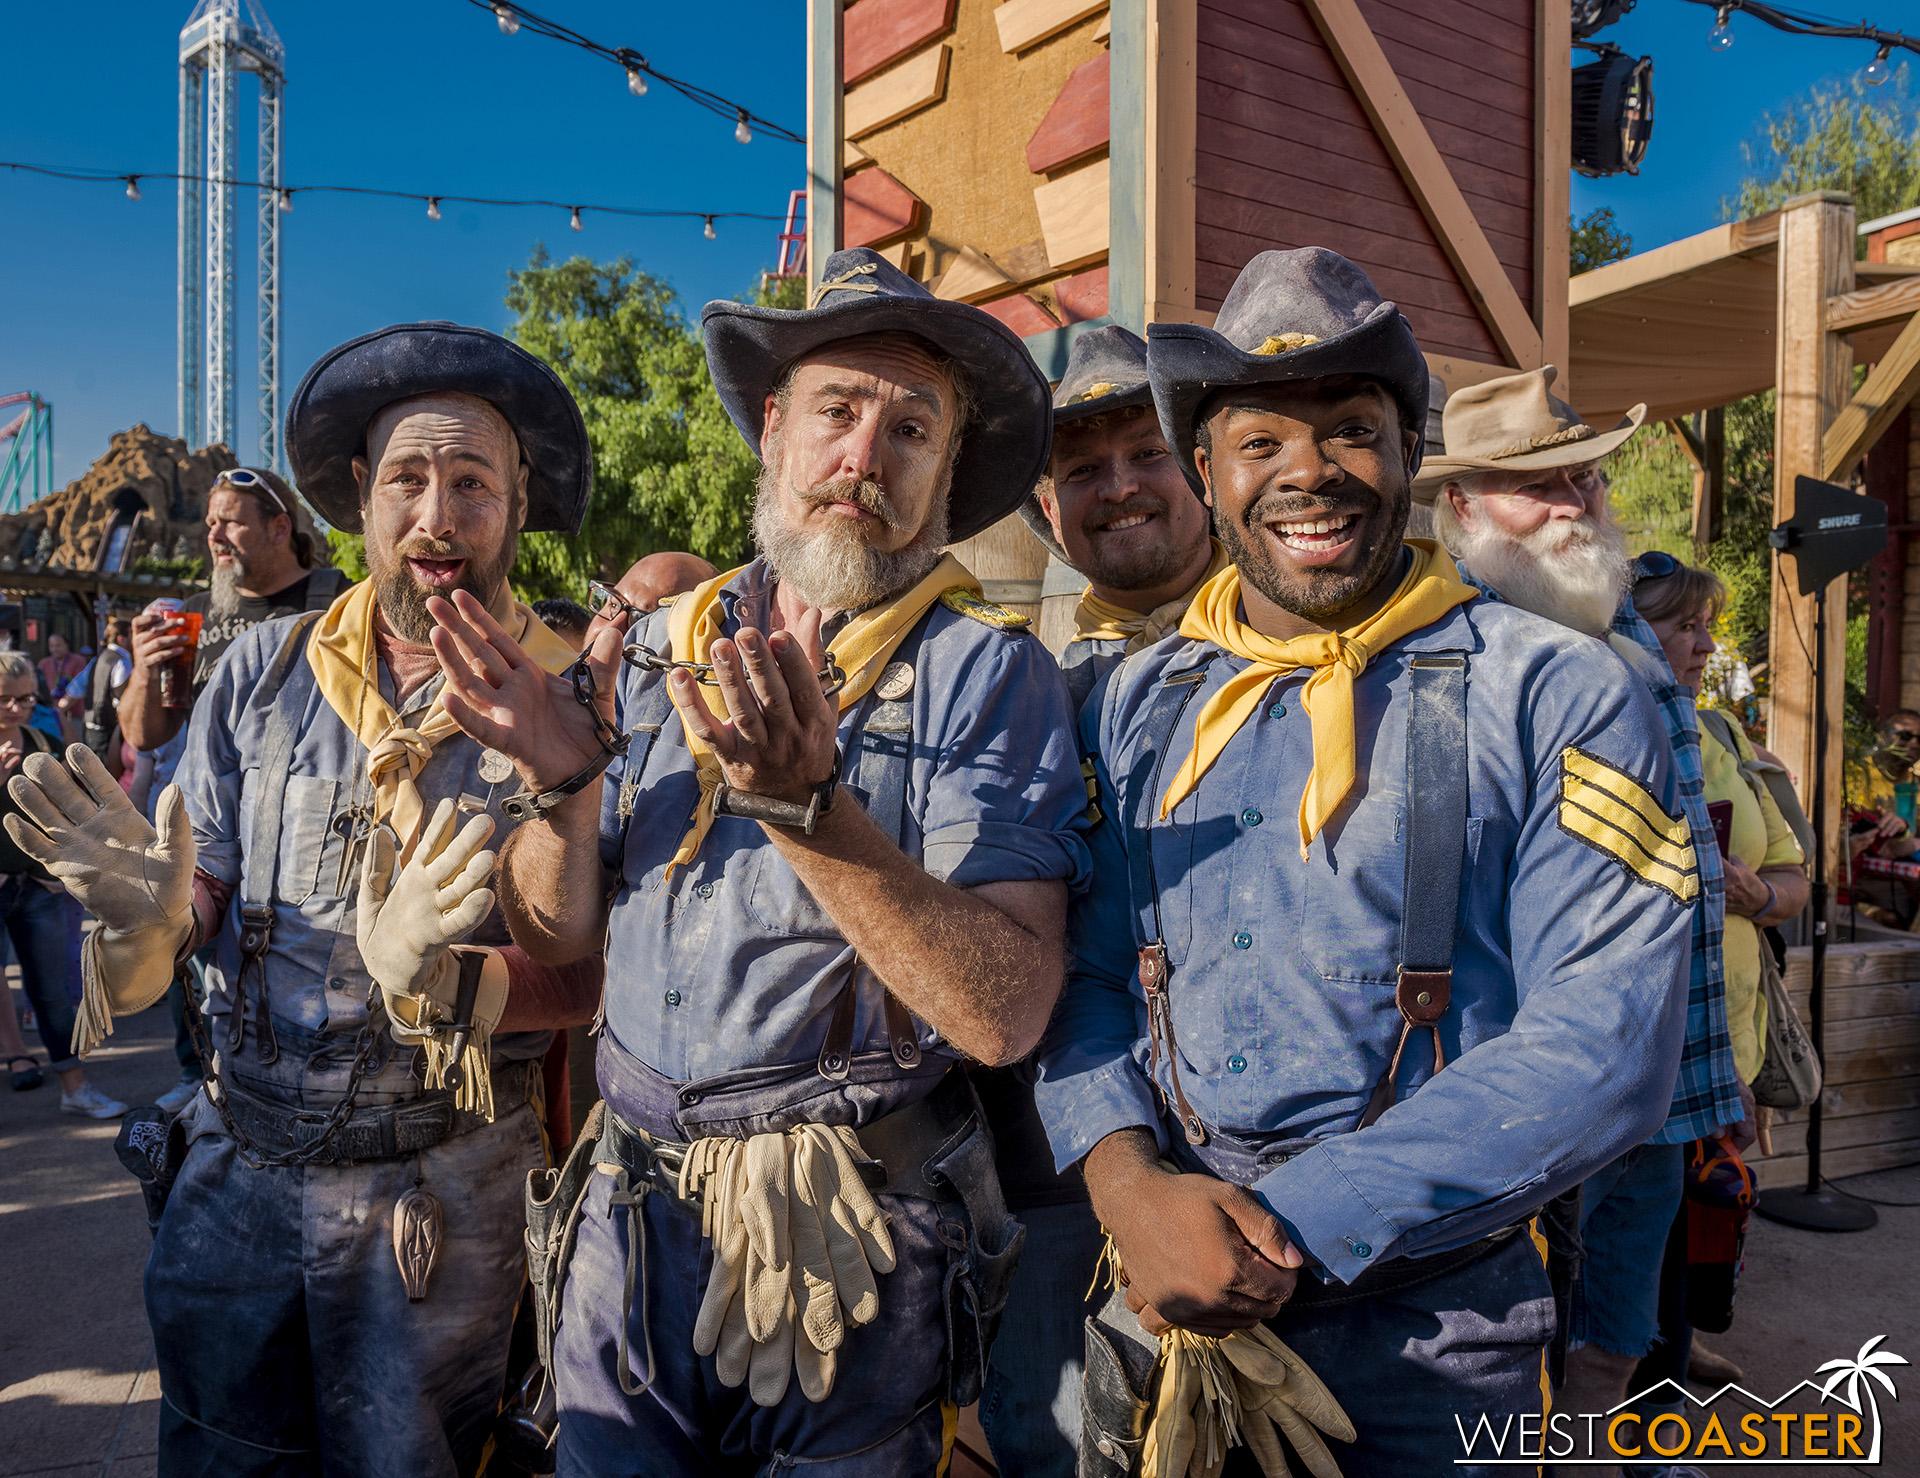 Ho hum, the Mad Bucks Gang got caught.